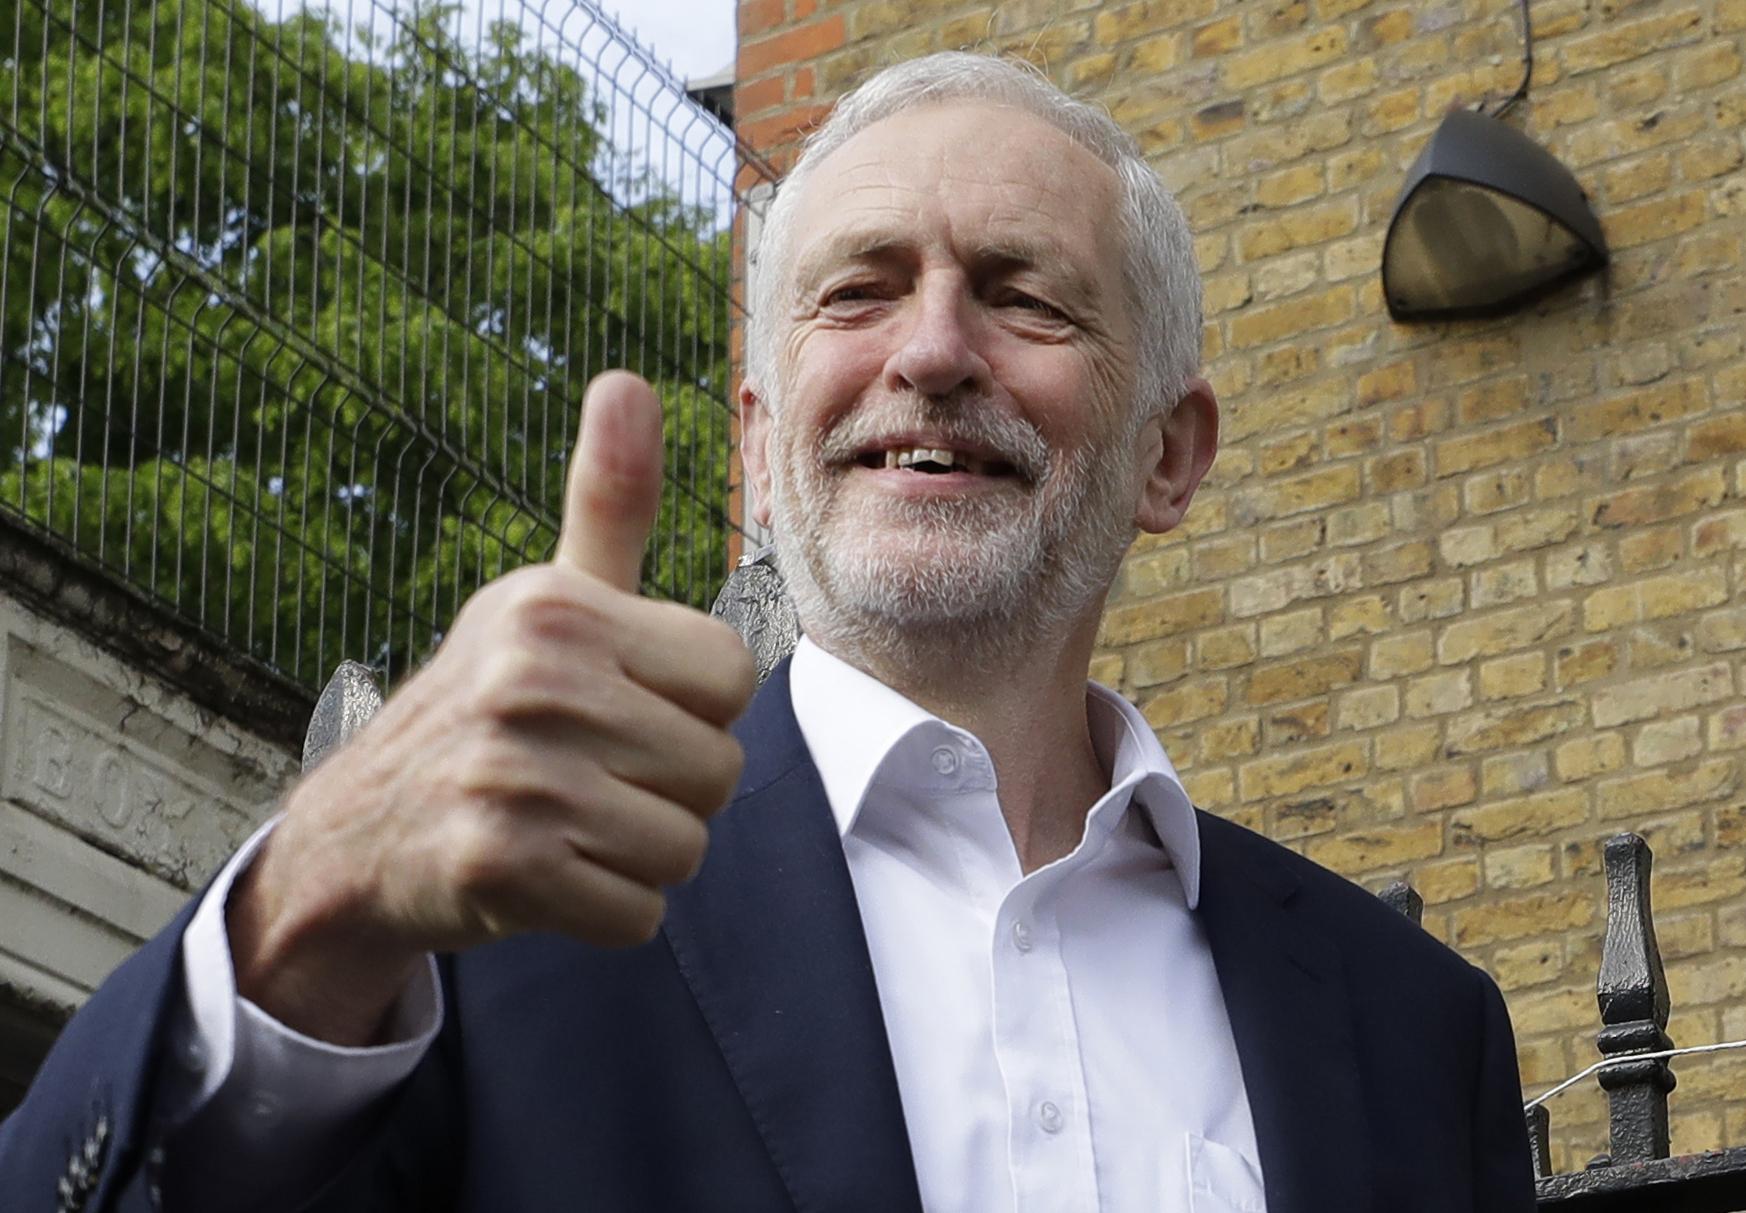 Umfrage in Großbritannien: Lieber No-Deal-Brexit als Jeremy Corbyn